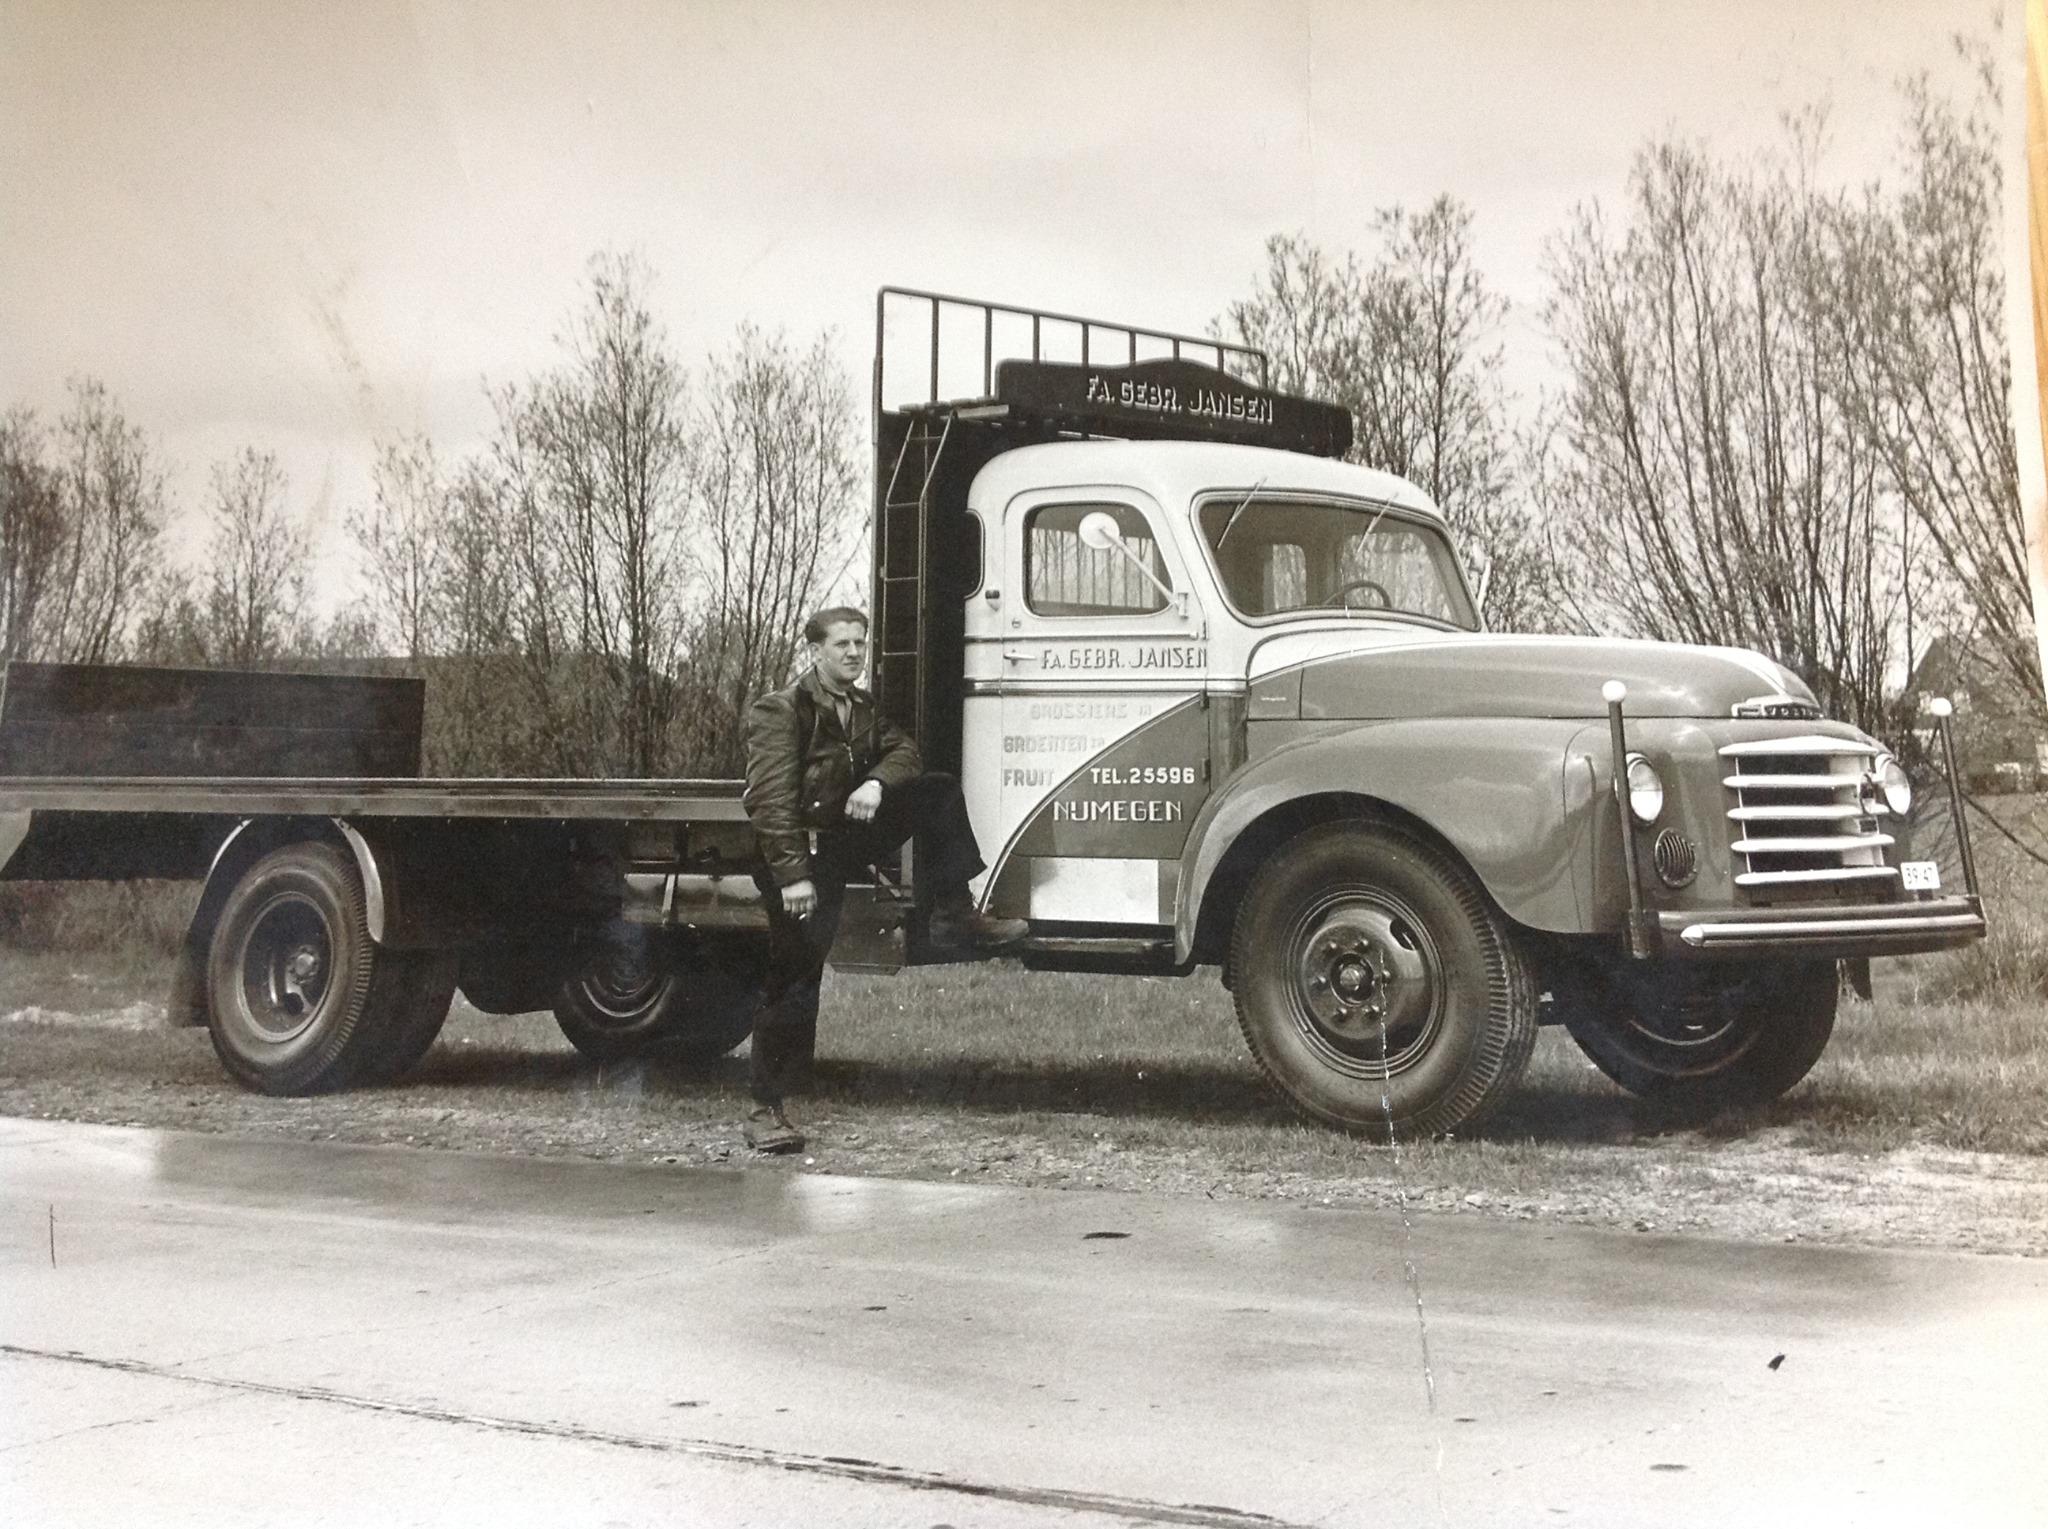 Wagen-gebouwd-bij-Fa-Loeffen-Alverna-en-de-Truck-geleverd-door-Volvo-Dealer-Frans-van-de-Dungen-uit-Veghel